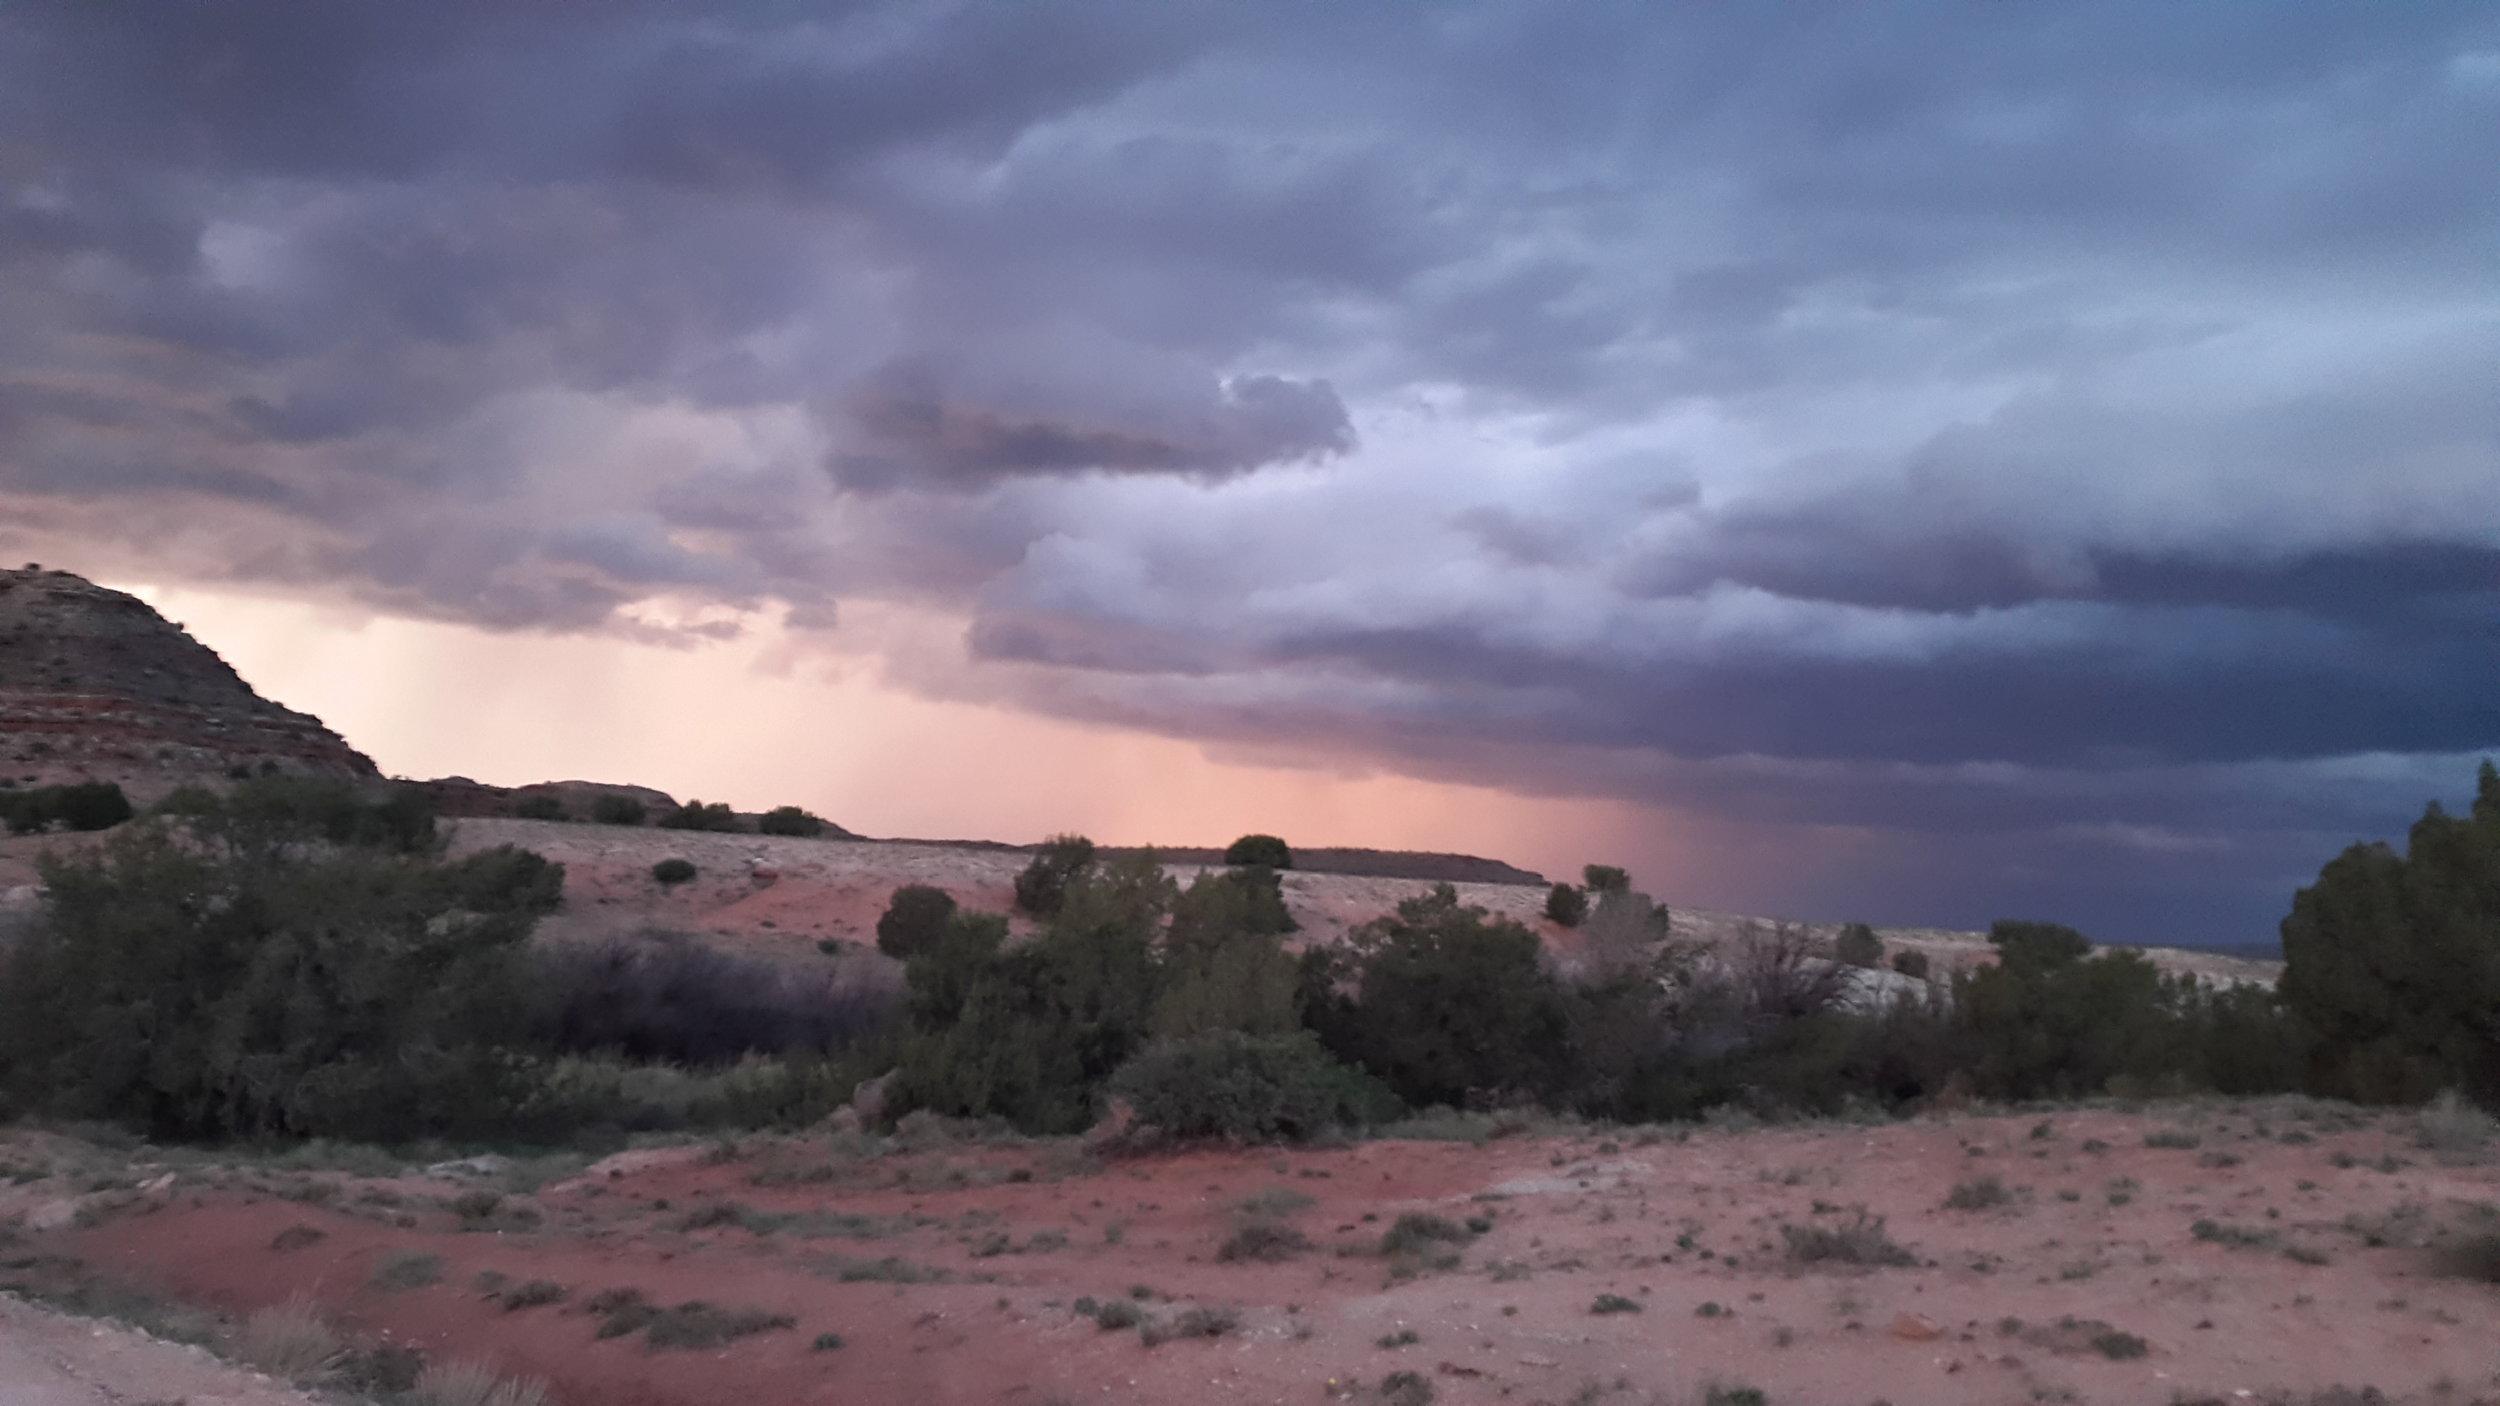 We got some rain out of this thunderstorm, so we are grateful!  Dieses Gewitter hat uns Regen beschert, also sind wir dankbar dafür!    Greetings from the Wild West,  Grüsse aus dem Wilden Westen,  Claudia